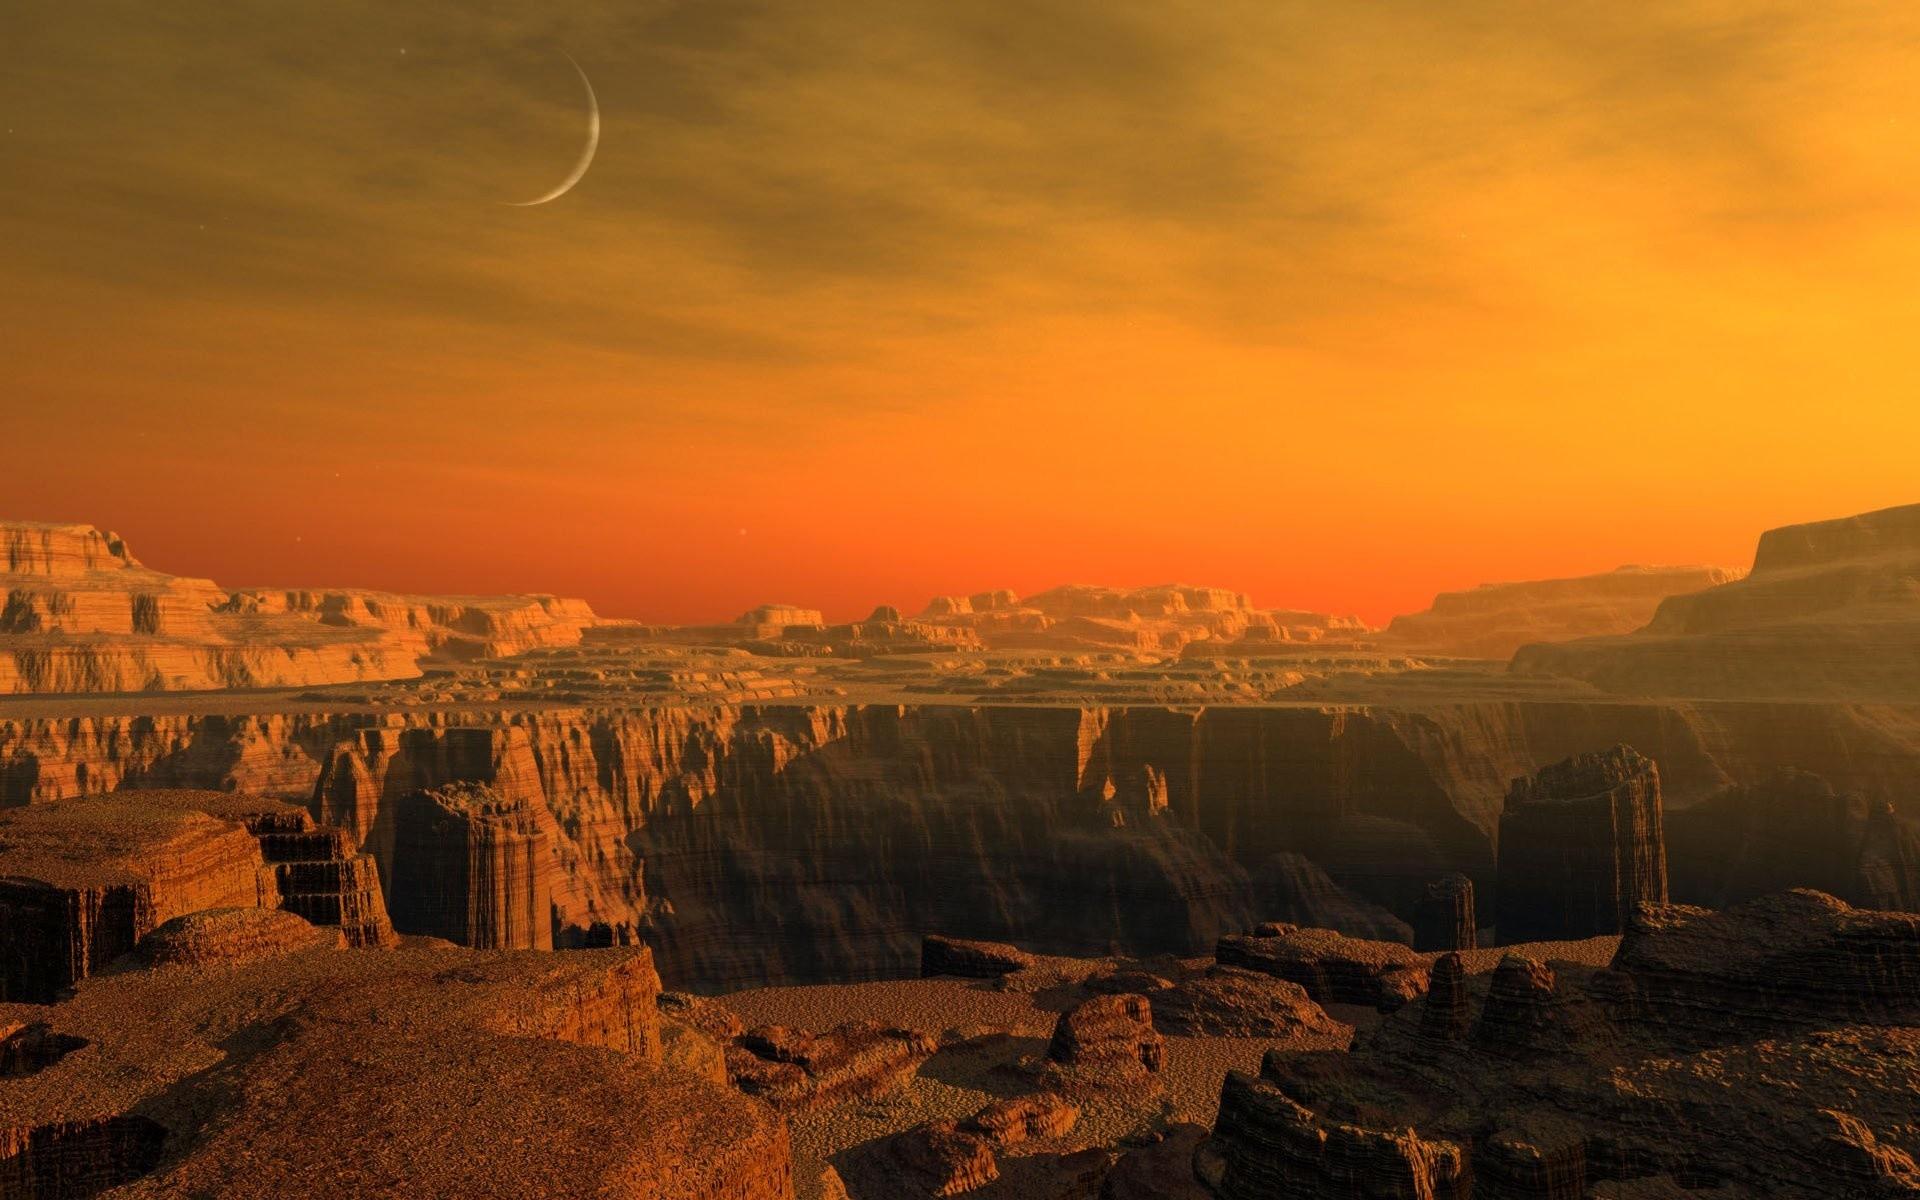 Учёные Вулкан сдвинул ось Марса 3,5 миллиарда лет назад